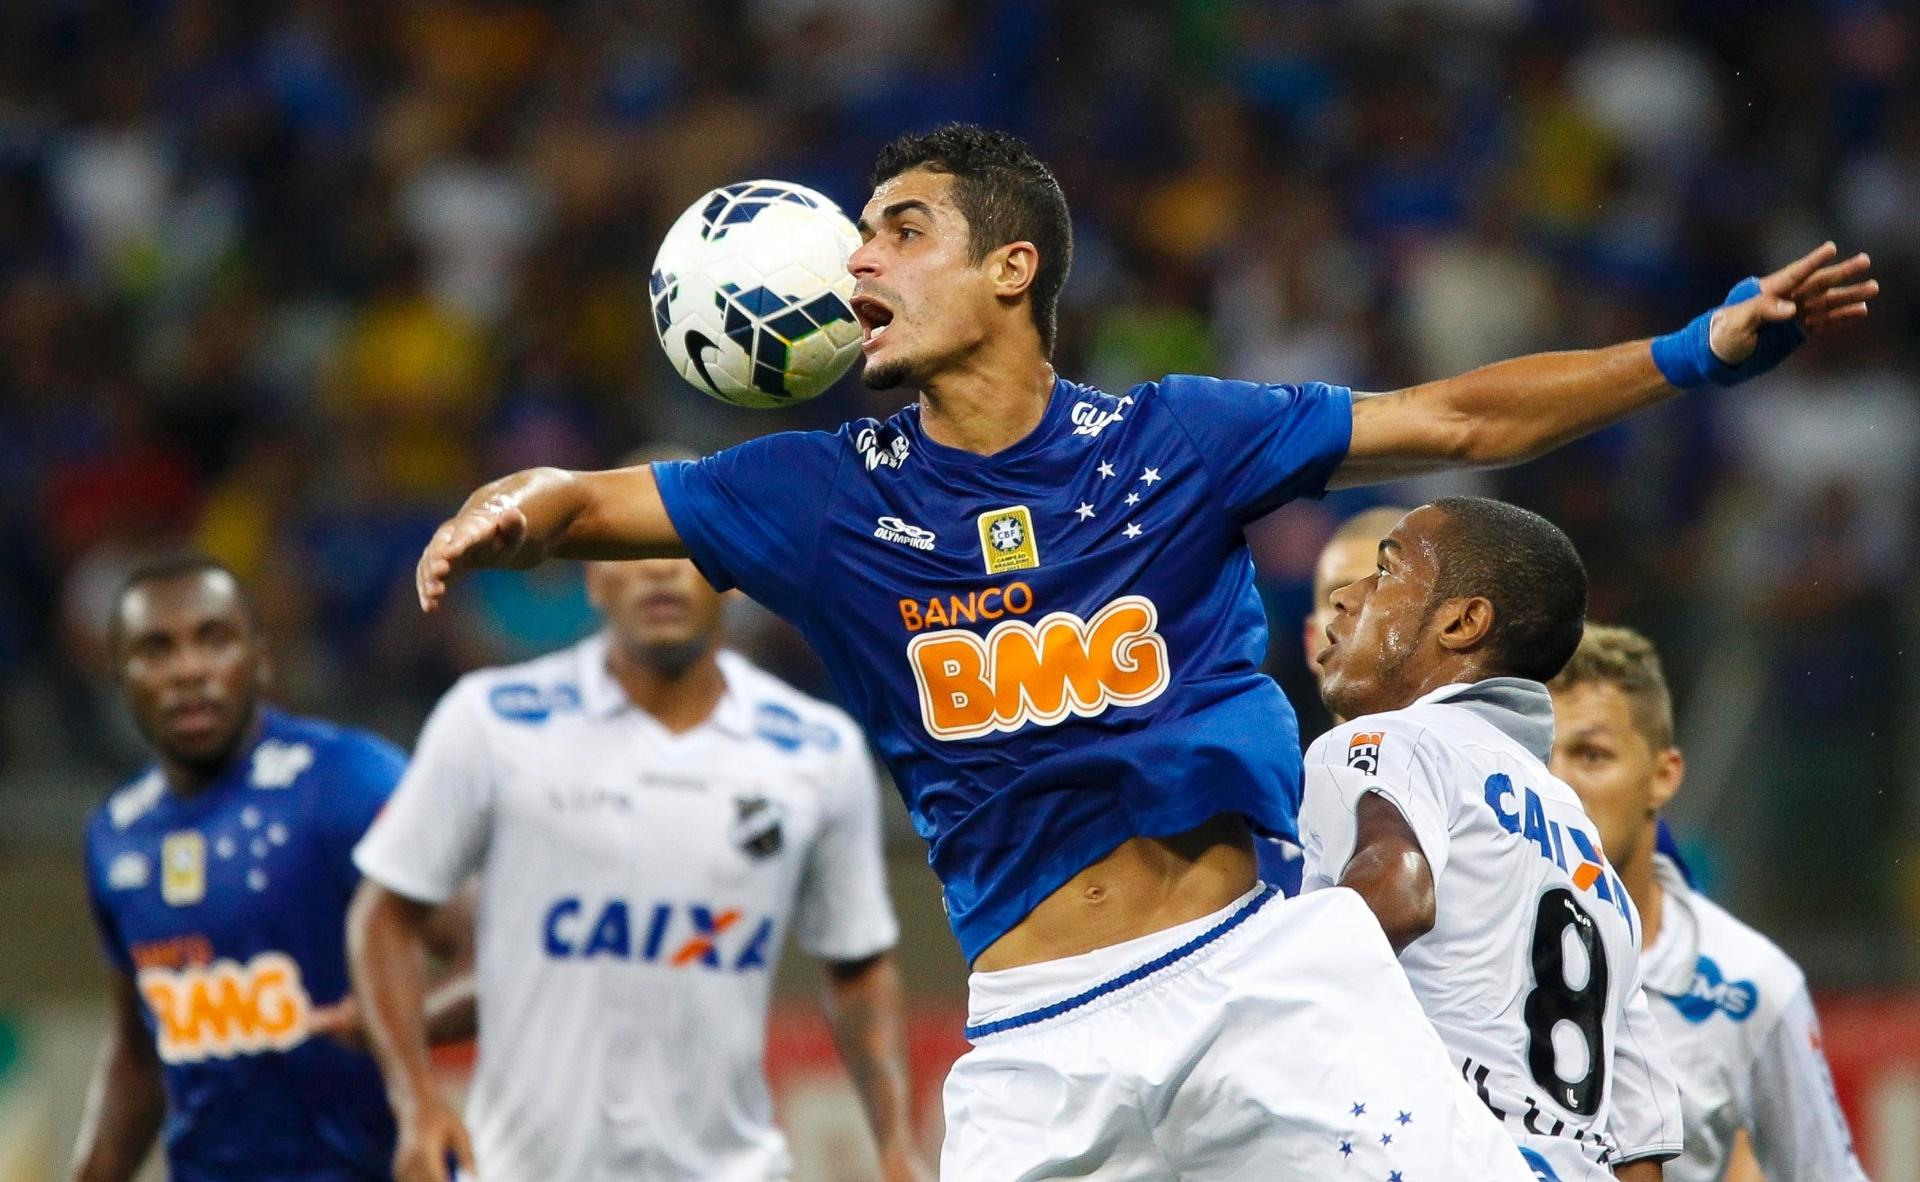 90141fe845 Semana decisiva da Copa do Brasil  Cruzeiro é semifinalista em pior fase -  27 10 2014 - UOL Esporte